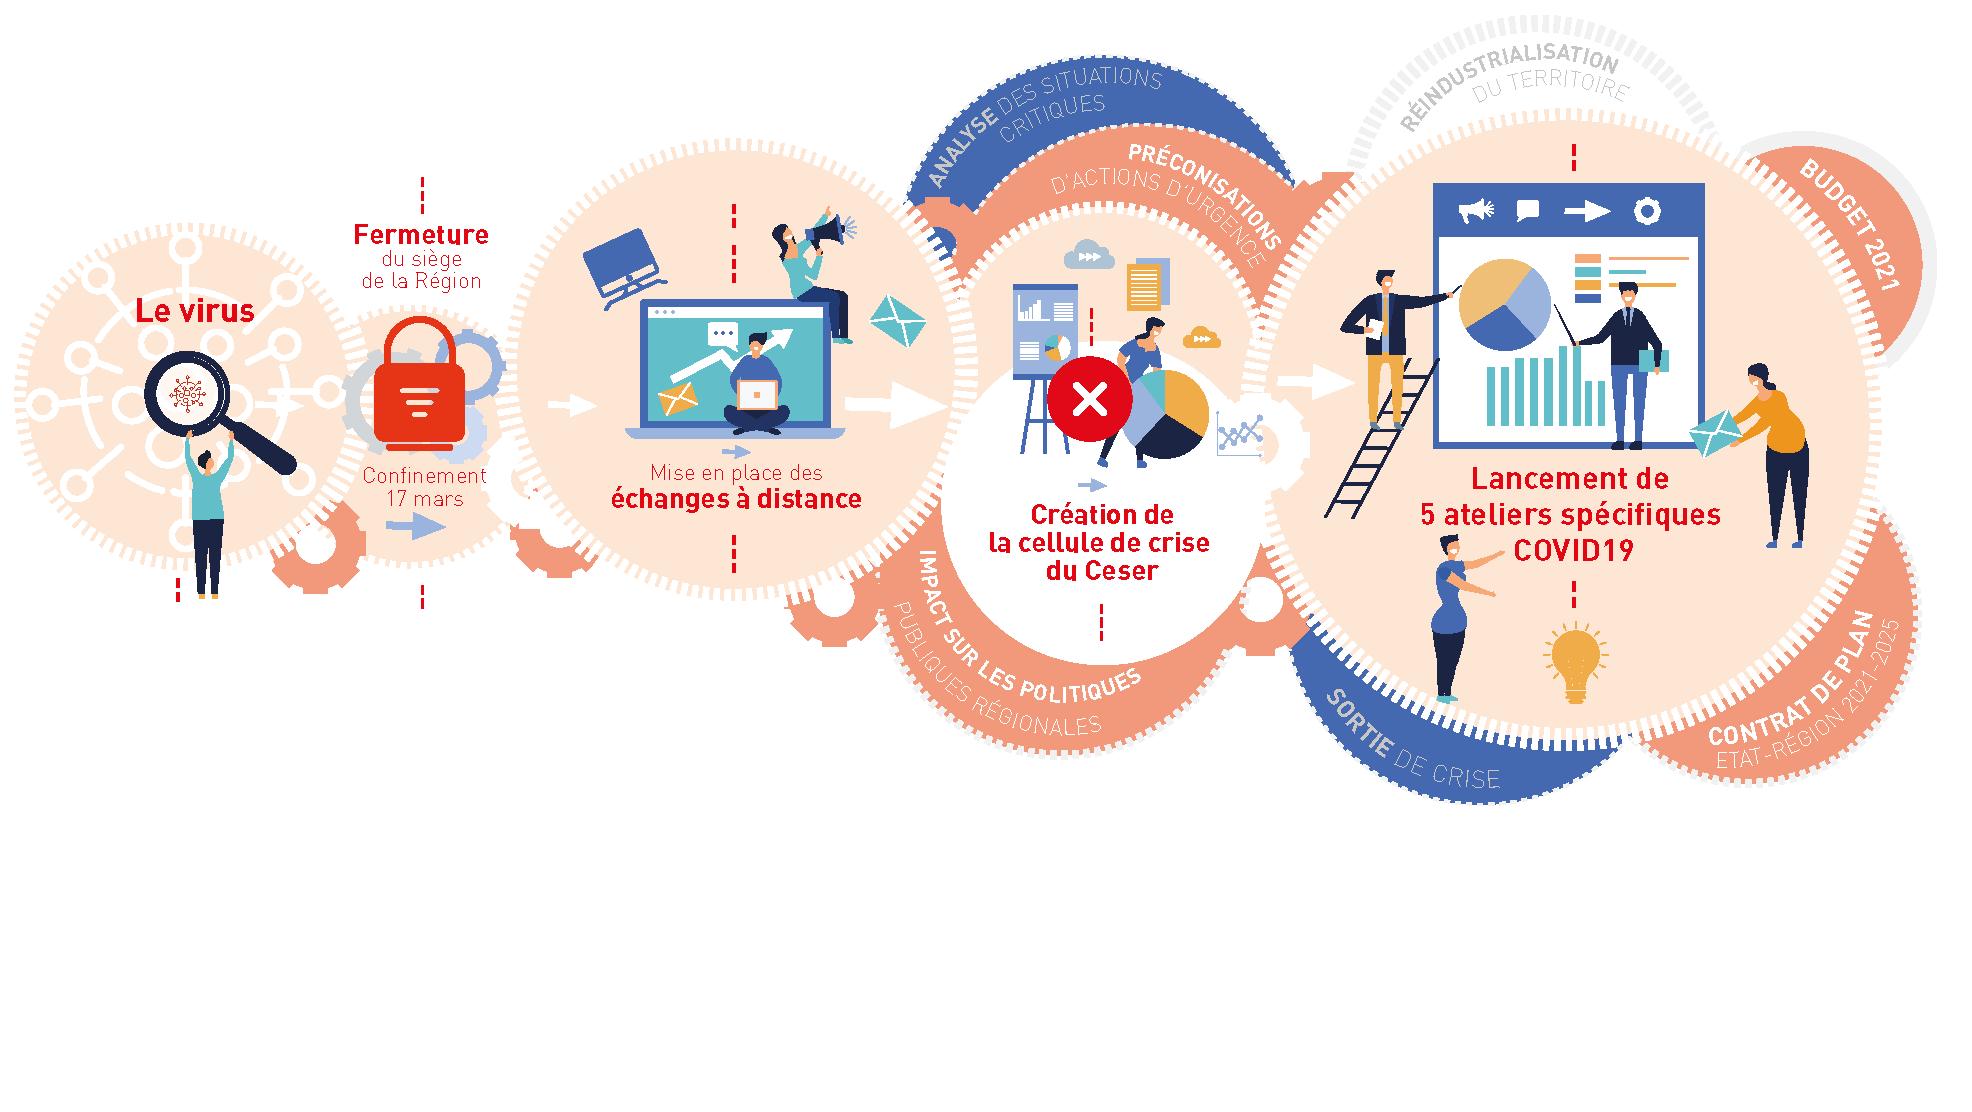 Infographie décrivant l'organisation du Ceser pendant le confinement